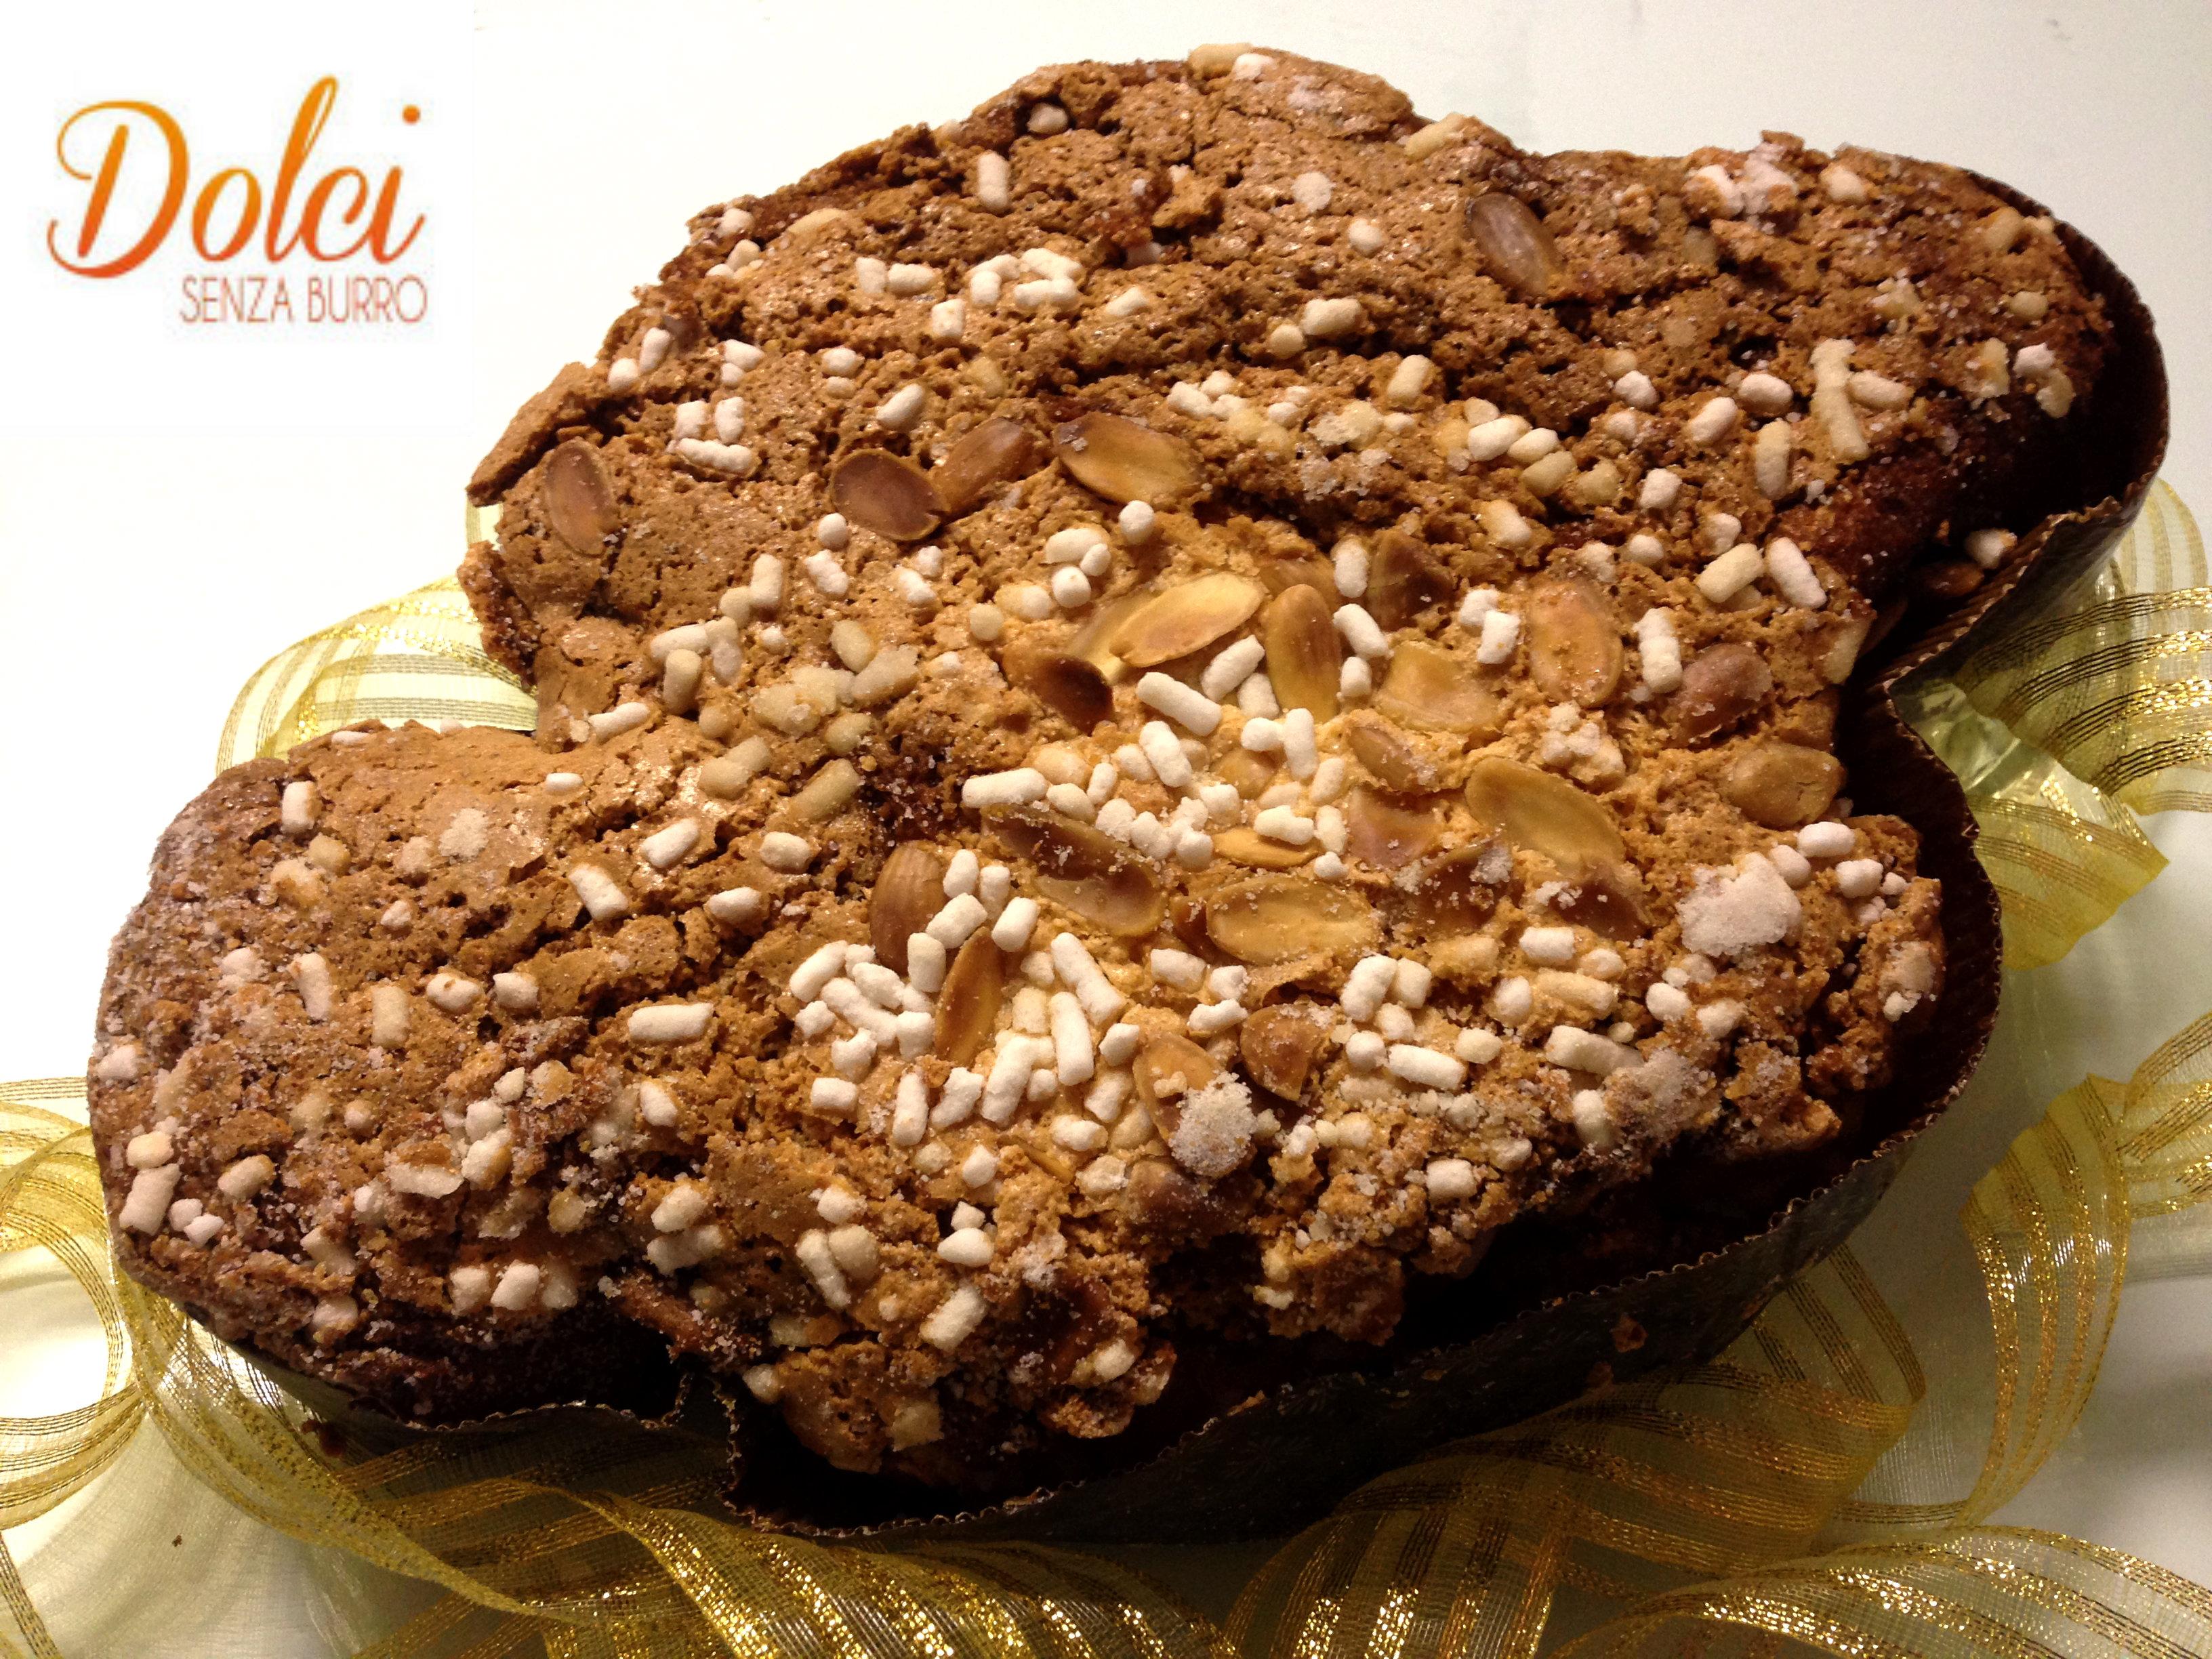 Colomba Senza Burro, il classico dolce di Pasqua in versione senza lattosio di Dolci Senza Burro